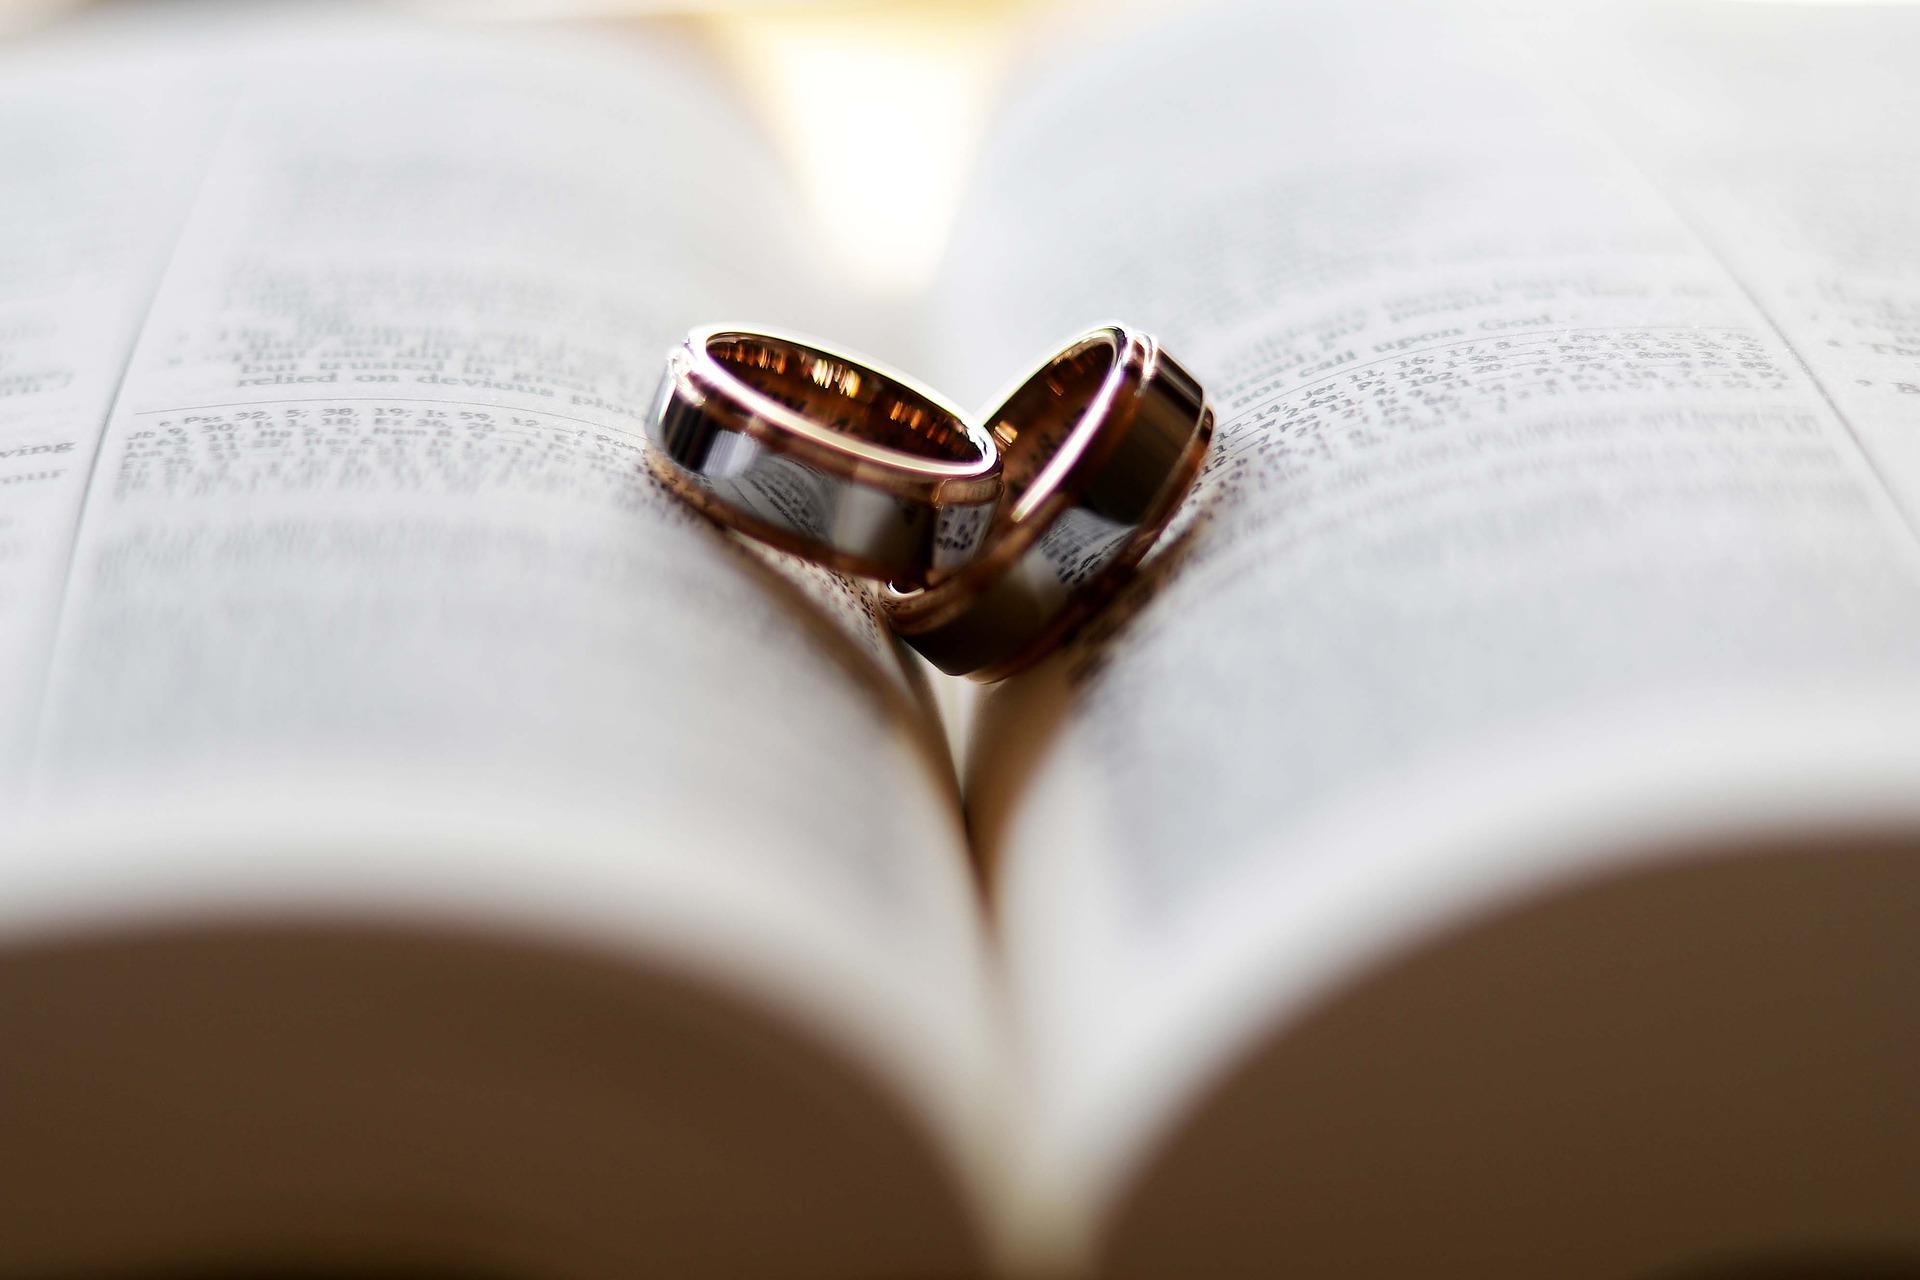 Příjmení po svatbě